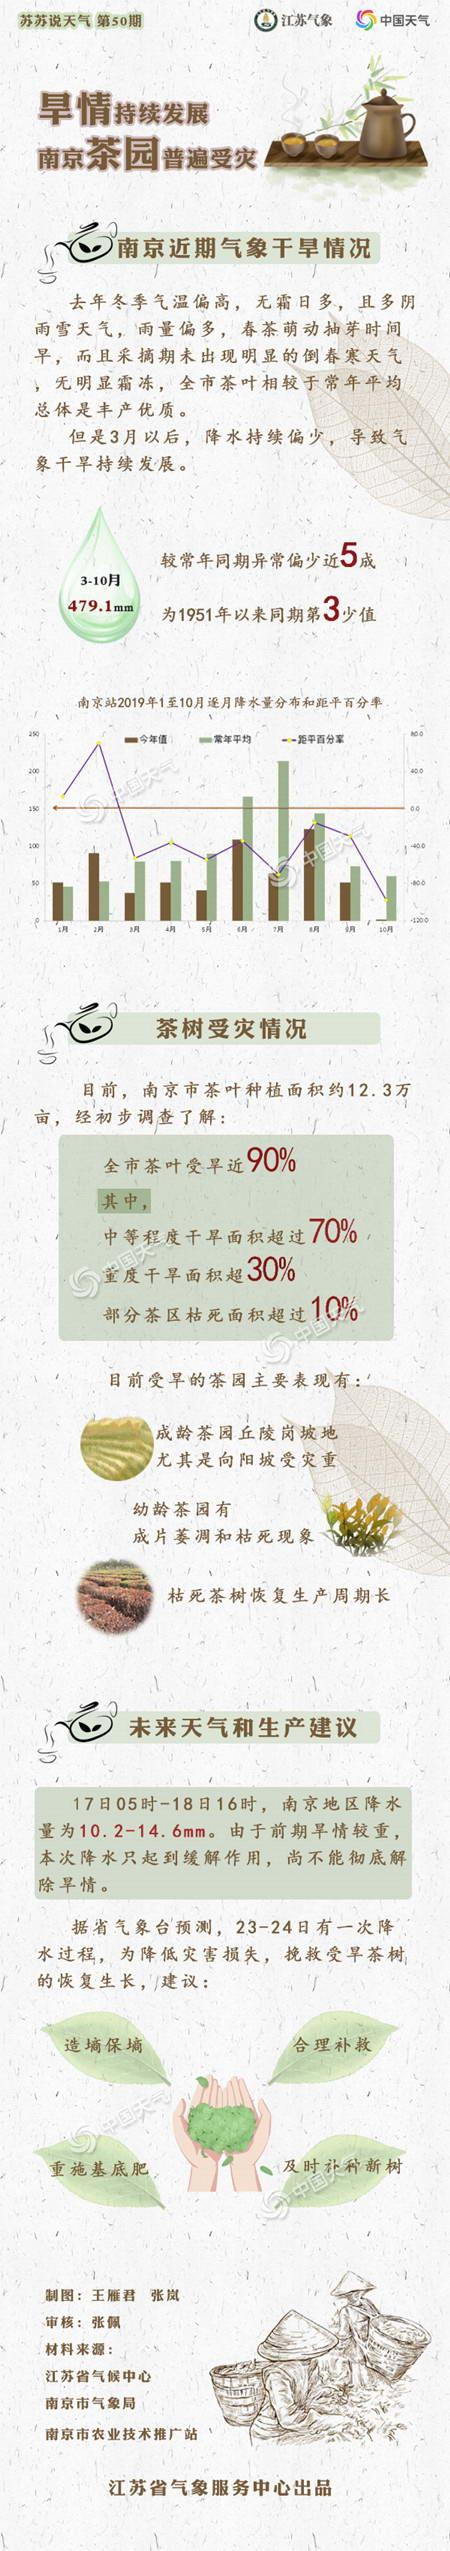 旱情持续发展 南京茶园普遍受灾